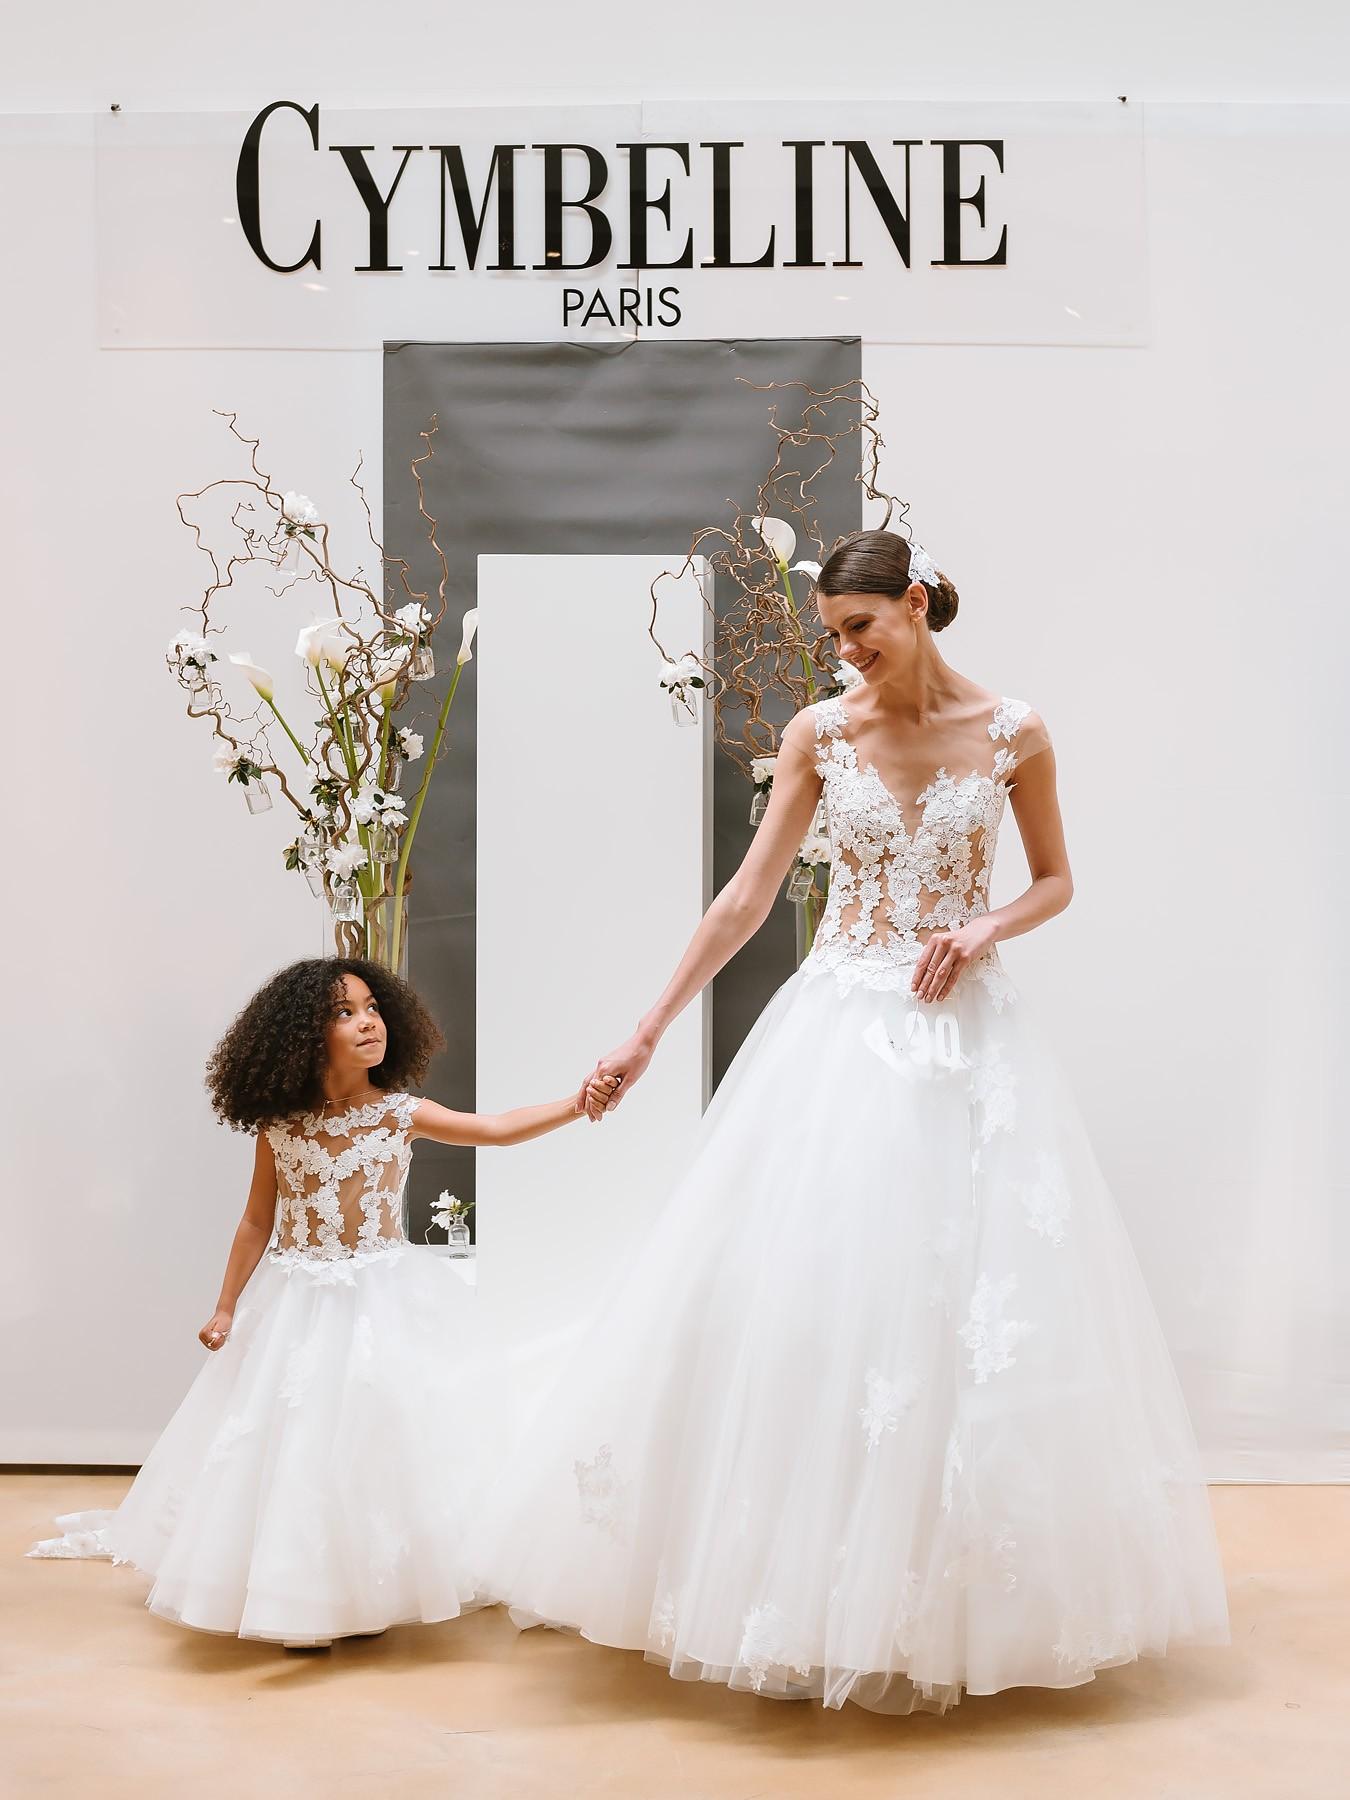 Cymbeline wedding